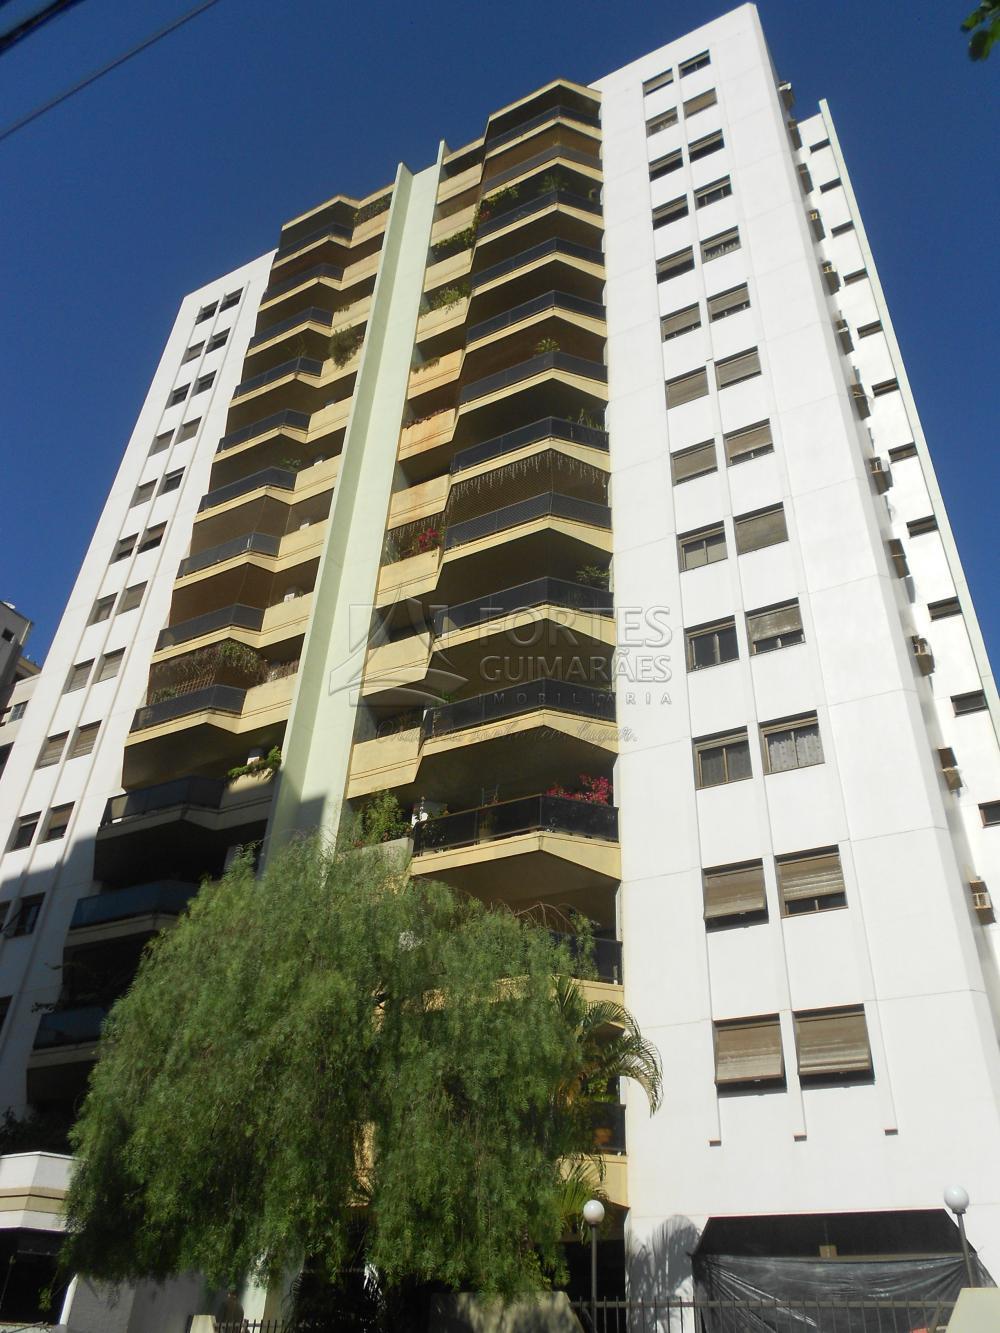 Alugar Apartamentos / Padrão em Ribeirão Preto apenas R$ 1.250,00 - Foto 58